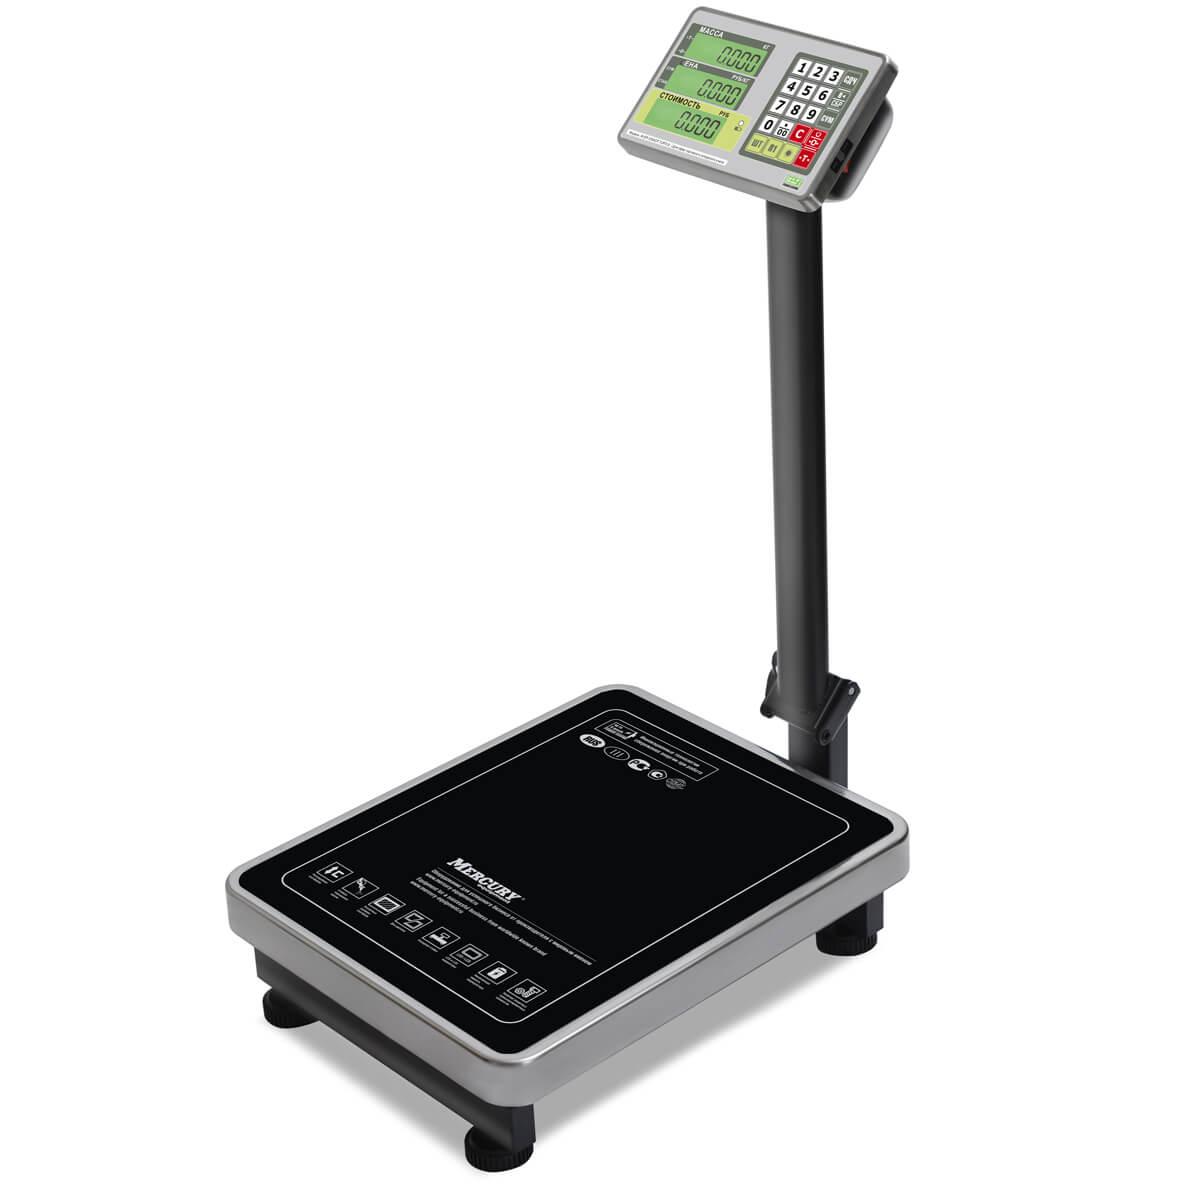 Торговые напольные весы M-ER 335 ACP «TURTLE» с расчетом стоимости товара LCD